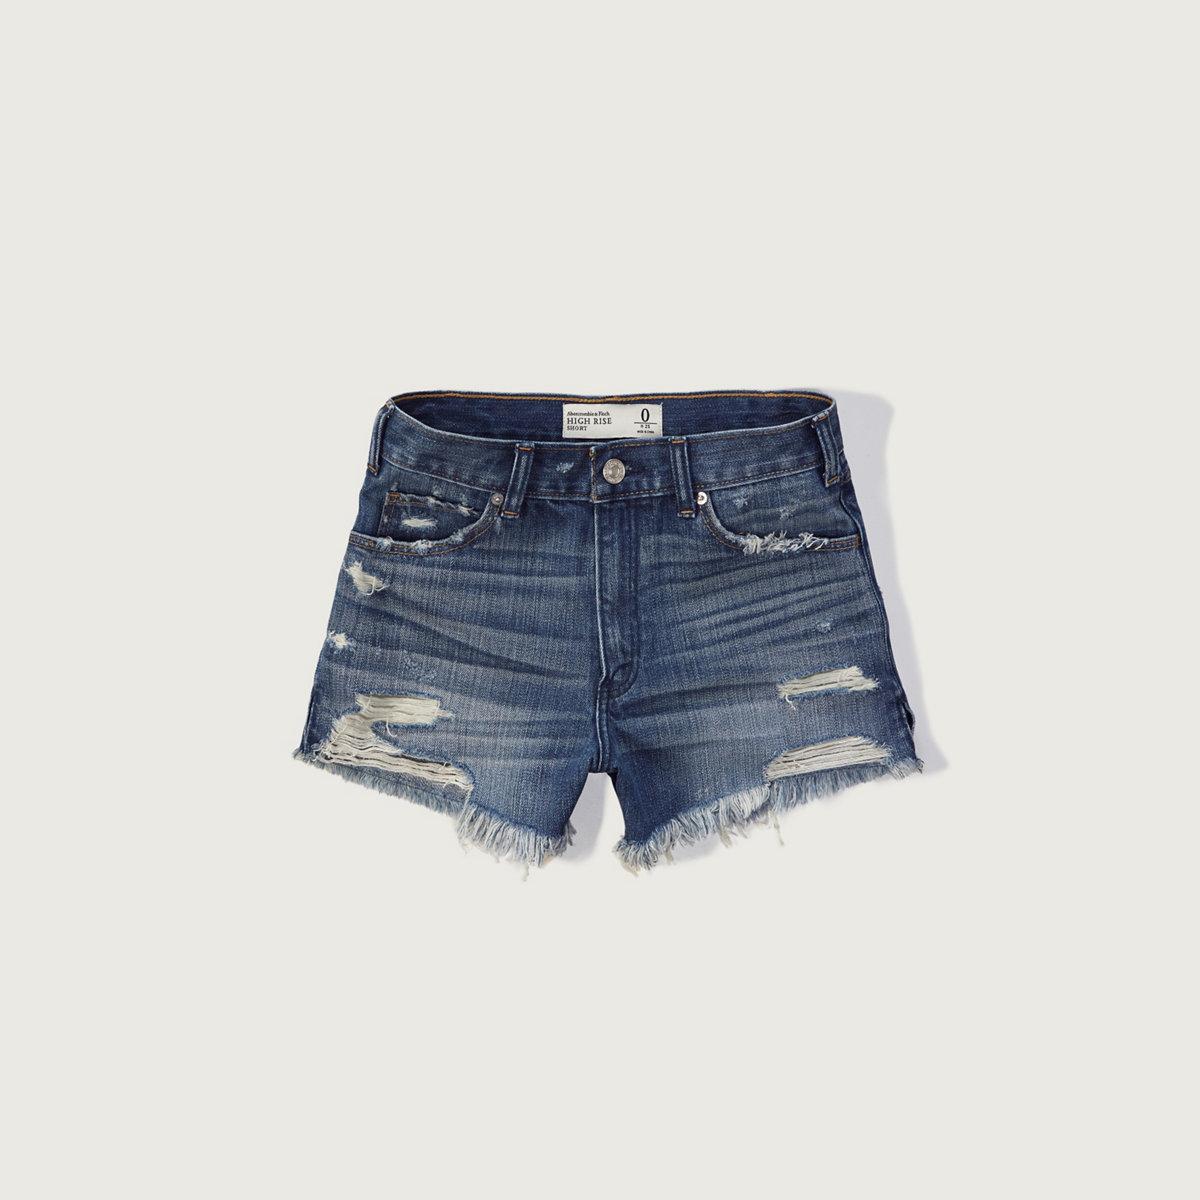 High Rise 4 Inch Denim Shorts